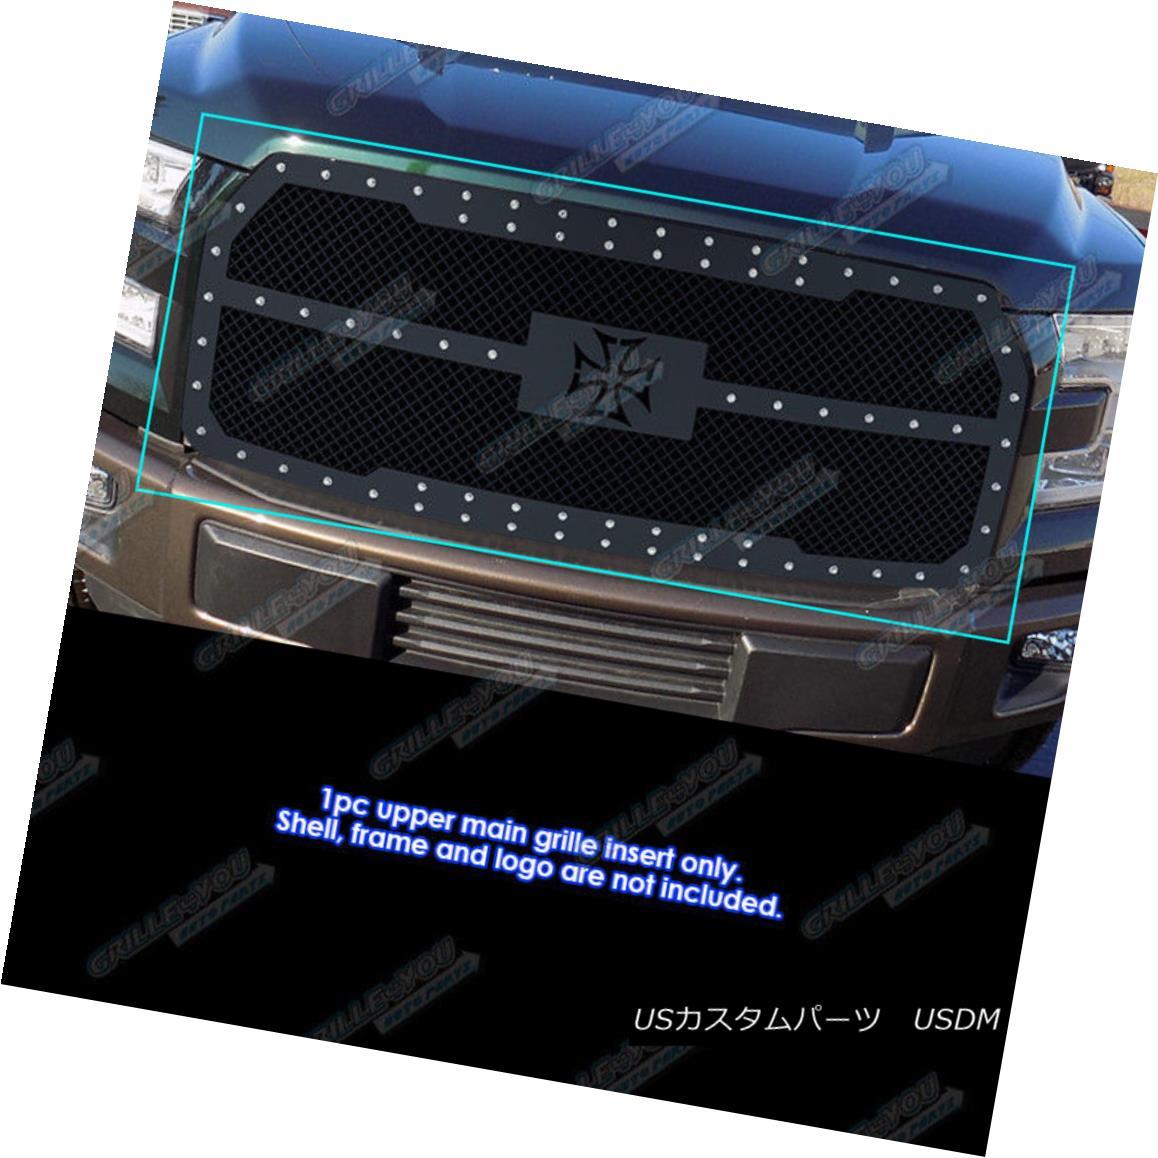 グリル Fits 2015-2017 Ford F-150 Stainless Steel Black Mesh Rivet Studs Grille Insert フィット2015-2017フォードF-150ステンレススチールブラックメッシュリベットスタッズグリルインサート